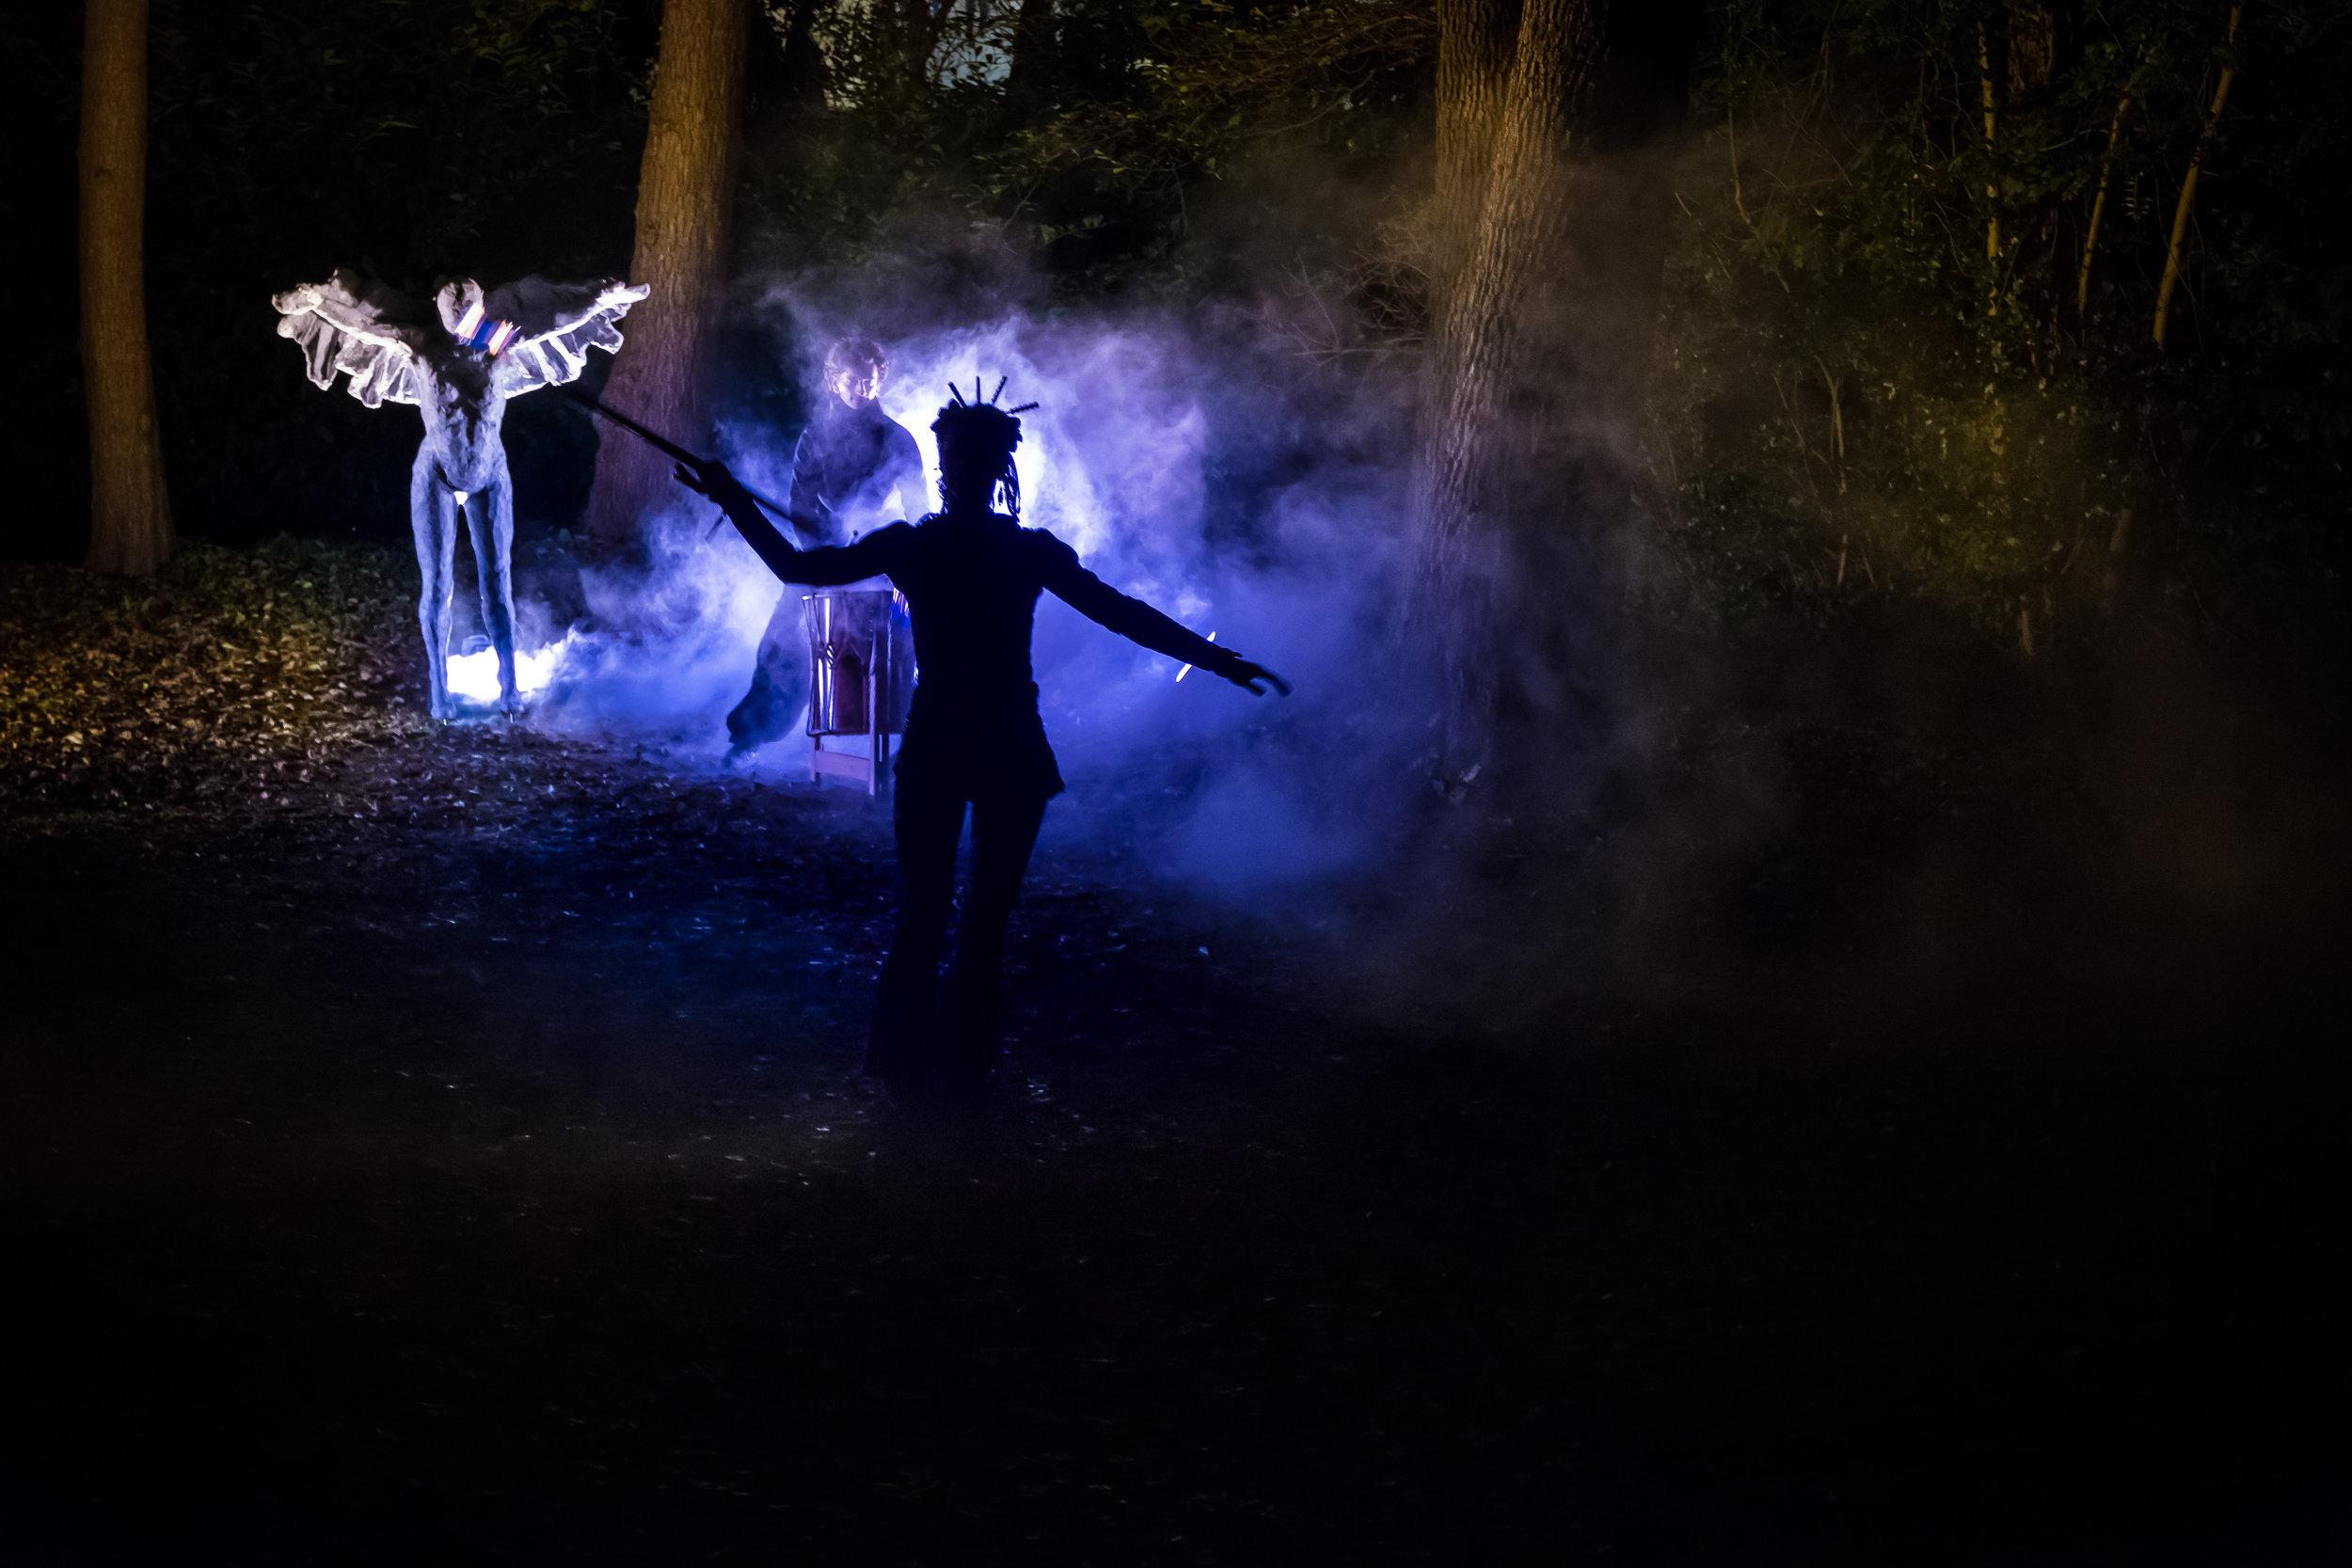 viewfinder-licht-fotograferen-nacht-avond-vurige-vijvers-3